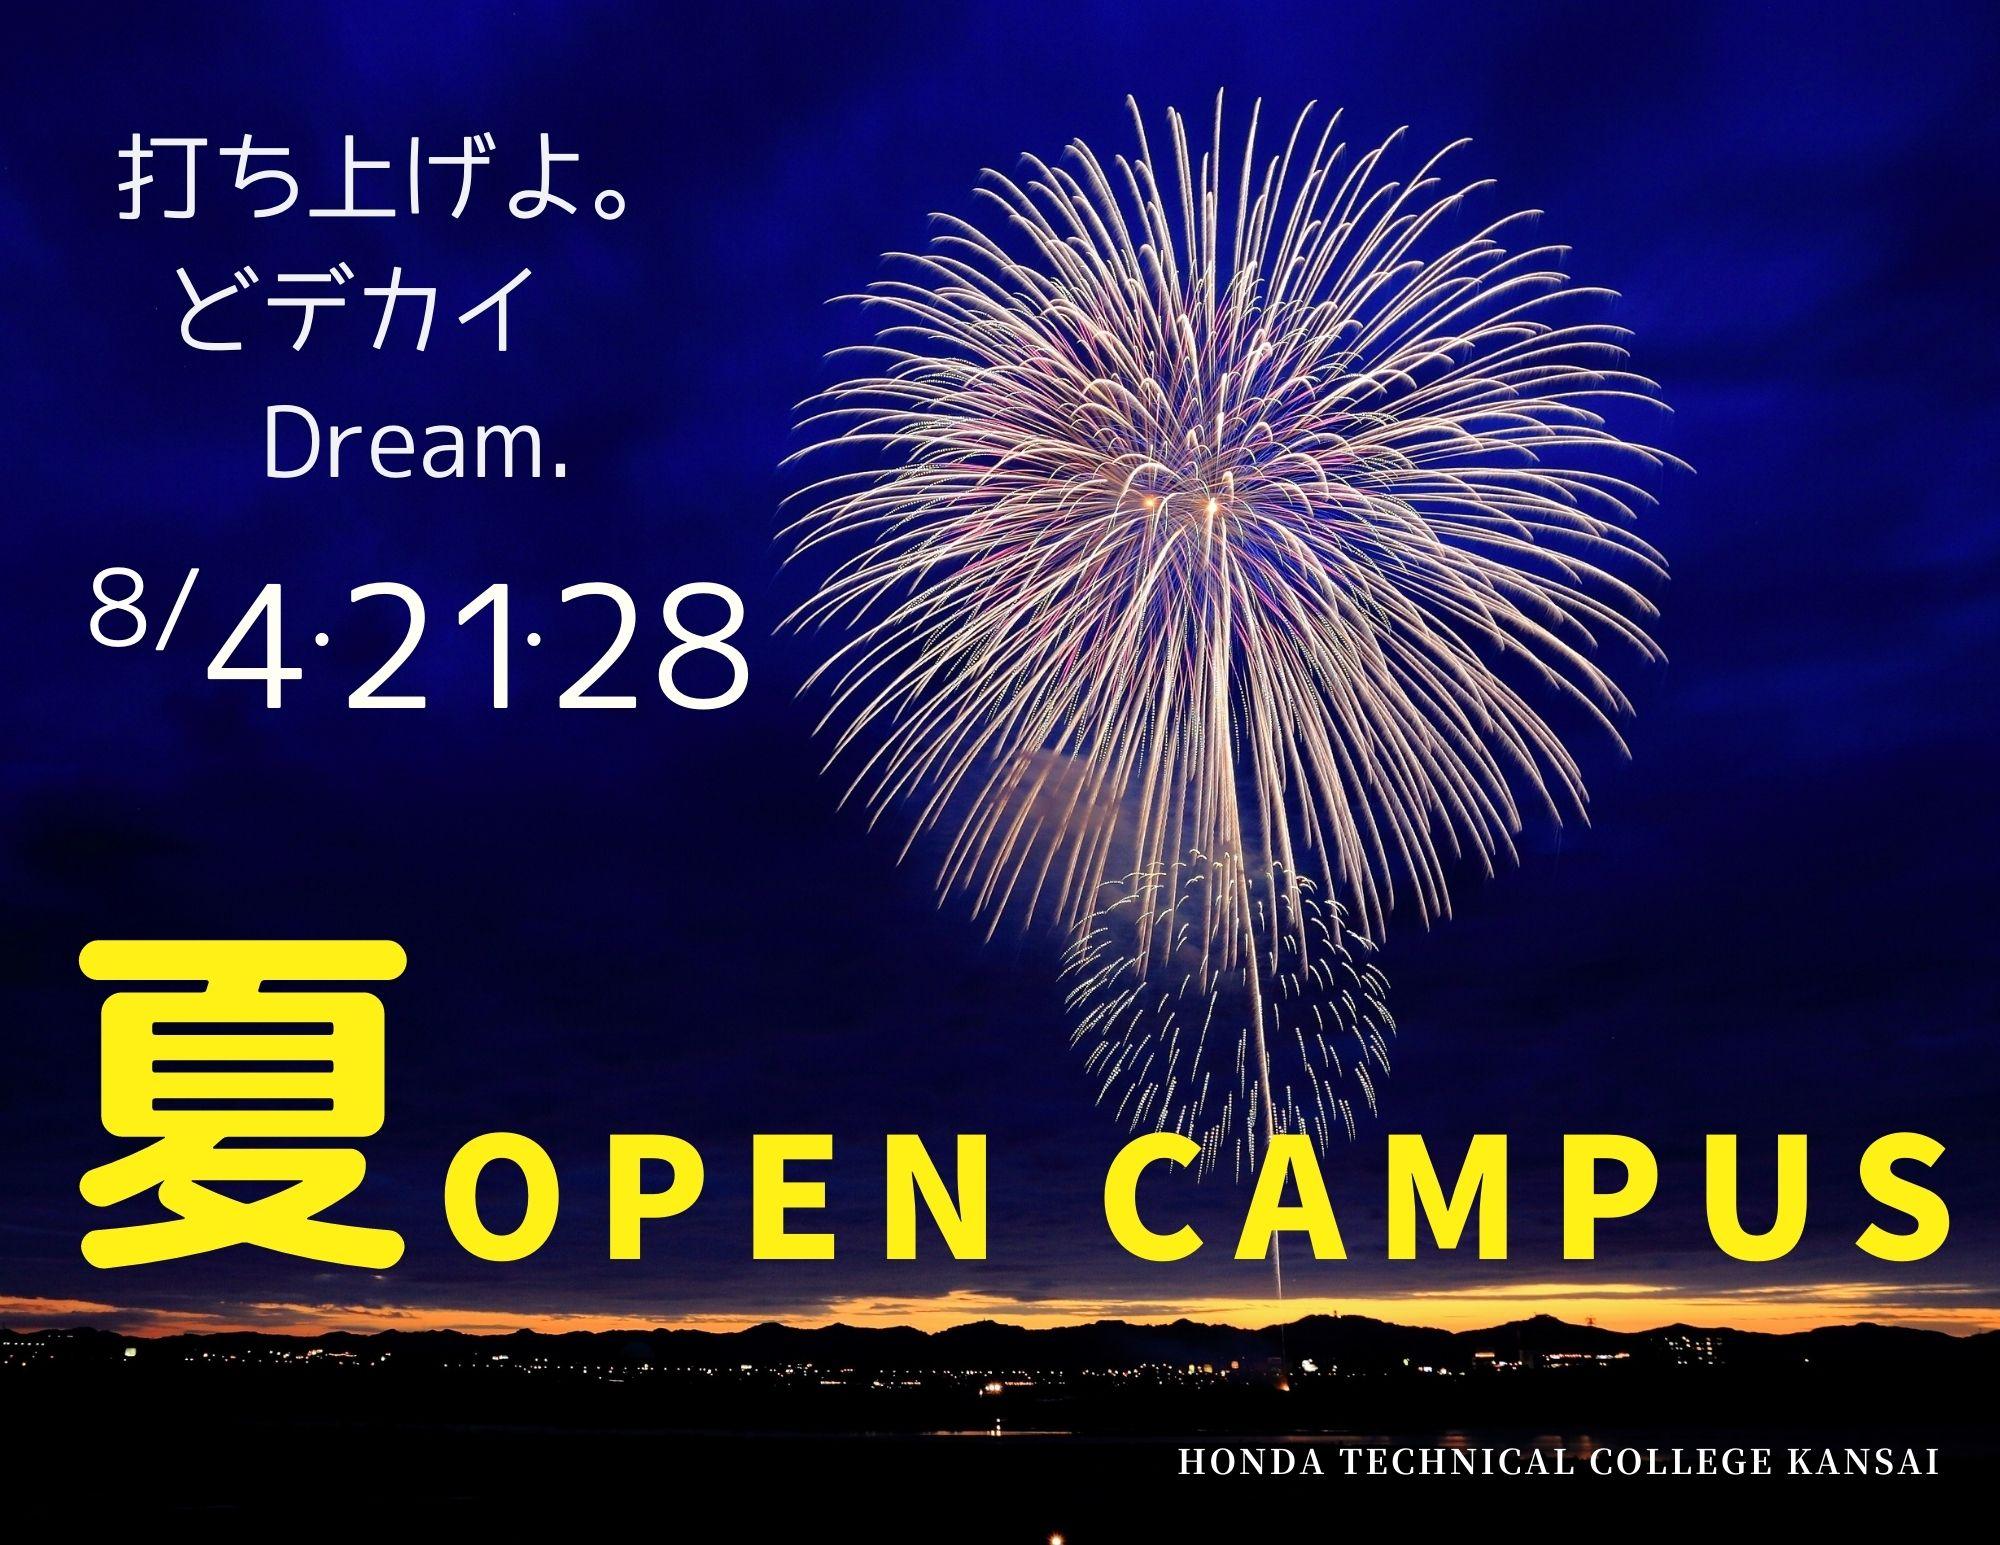 オープンキャンパス開催中!(コロナ感染対策を徹底して)